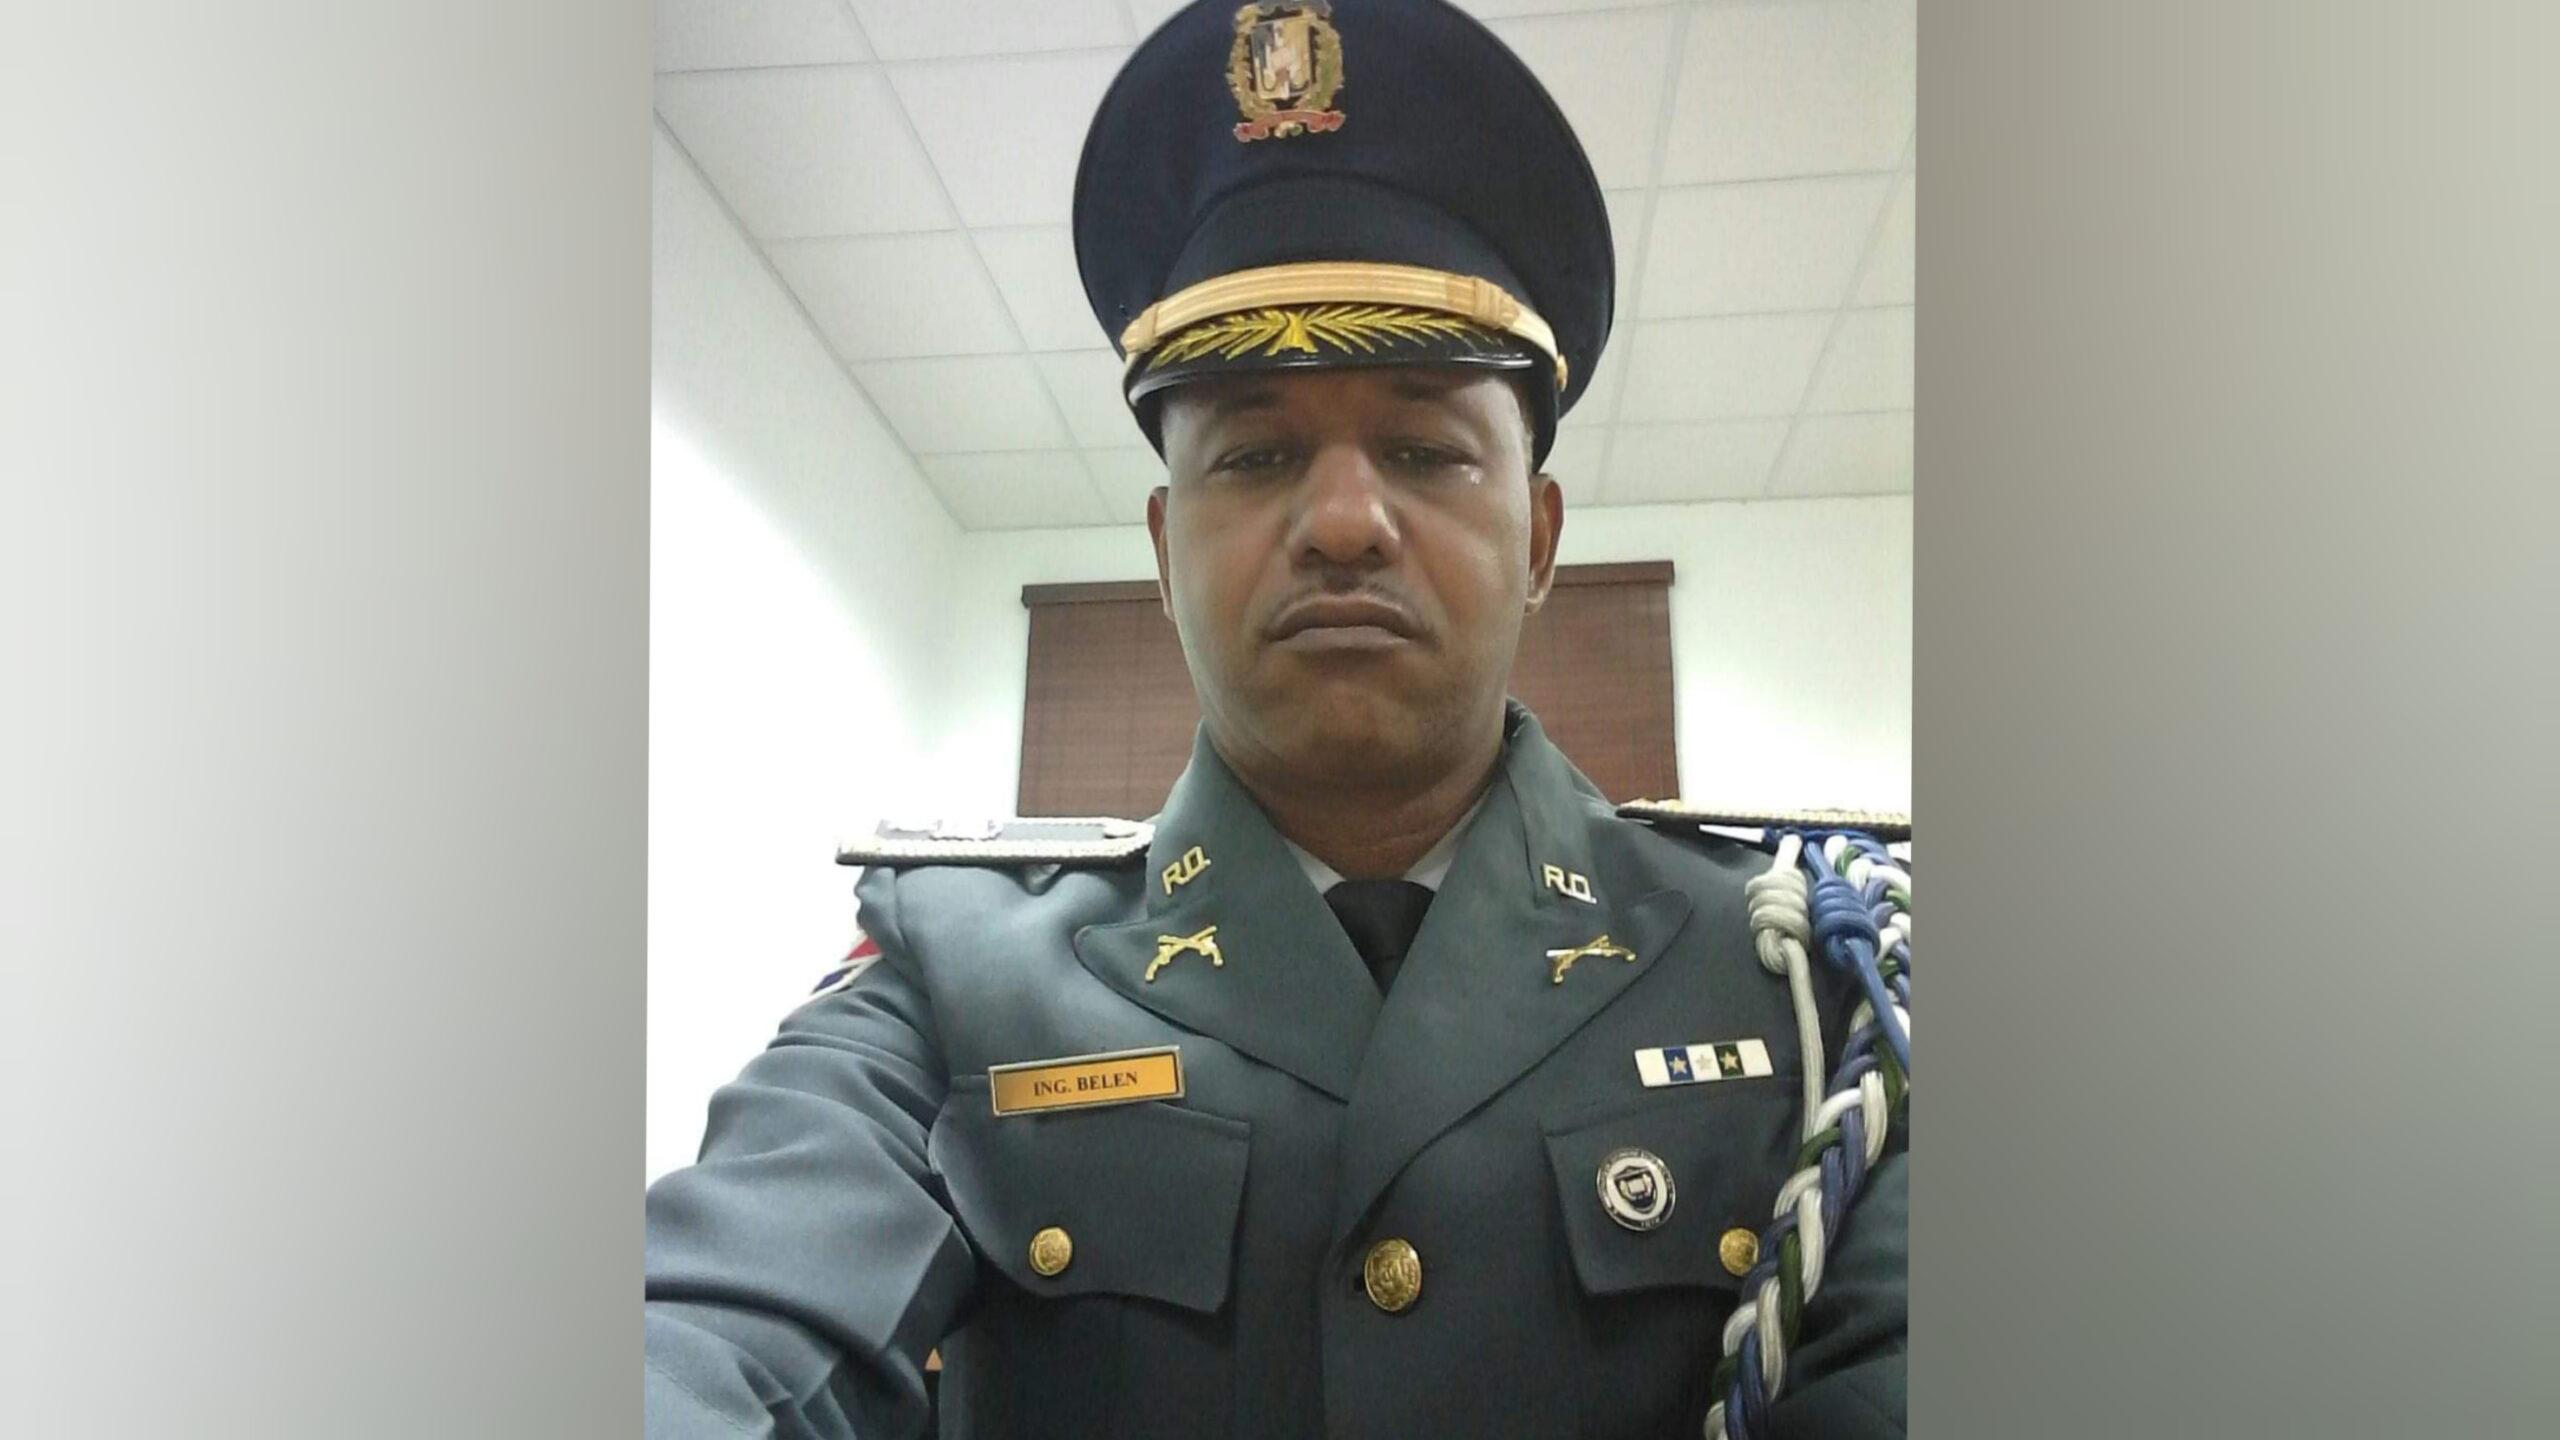 Sustituyen al Mayor Jeany Gómez y designan a teniente coronel Alfredo Belén Herrera en Sabana de la Mar